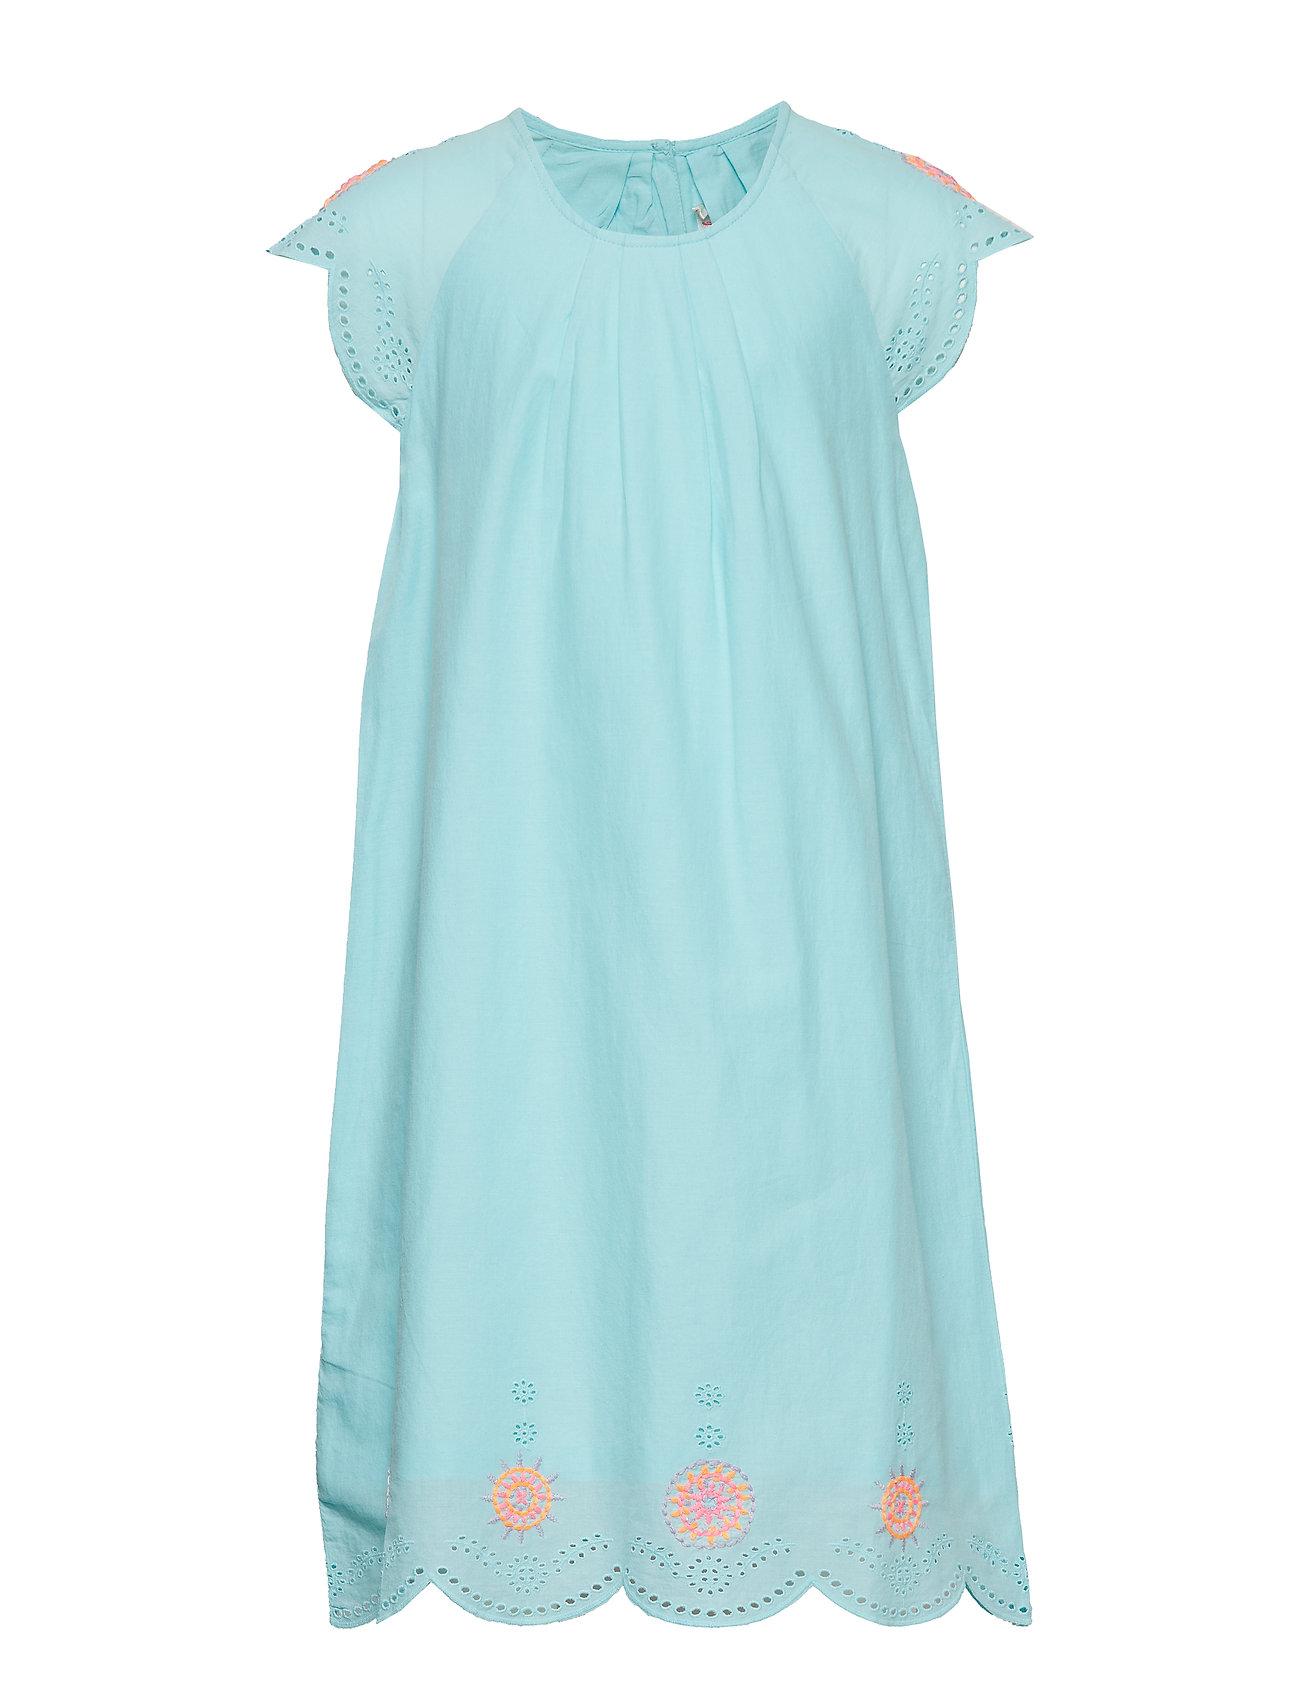 Image of Dress Kjole Blå Billieblush (3123264465)